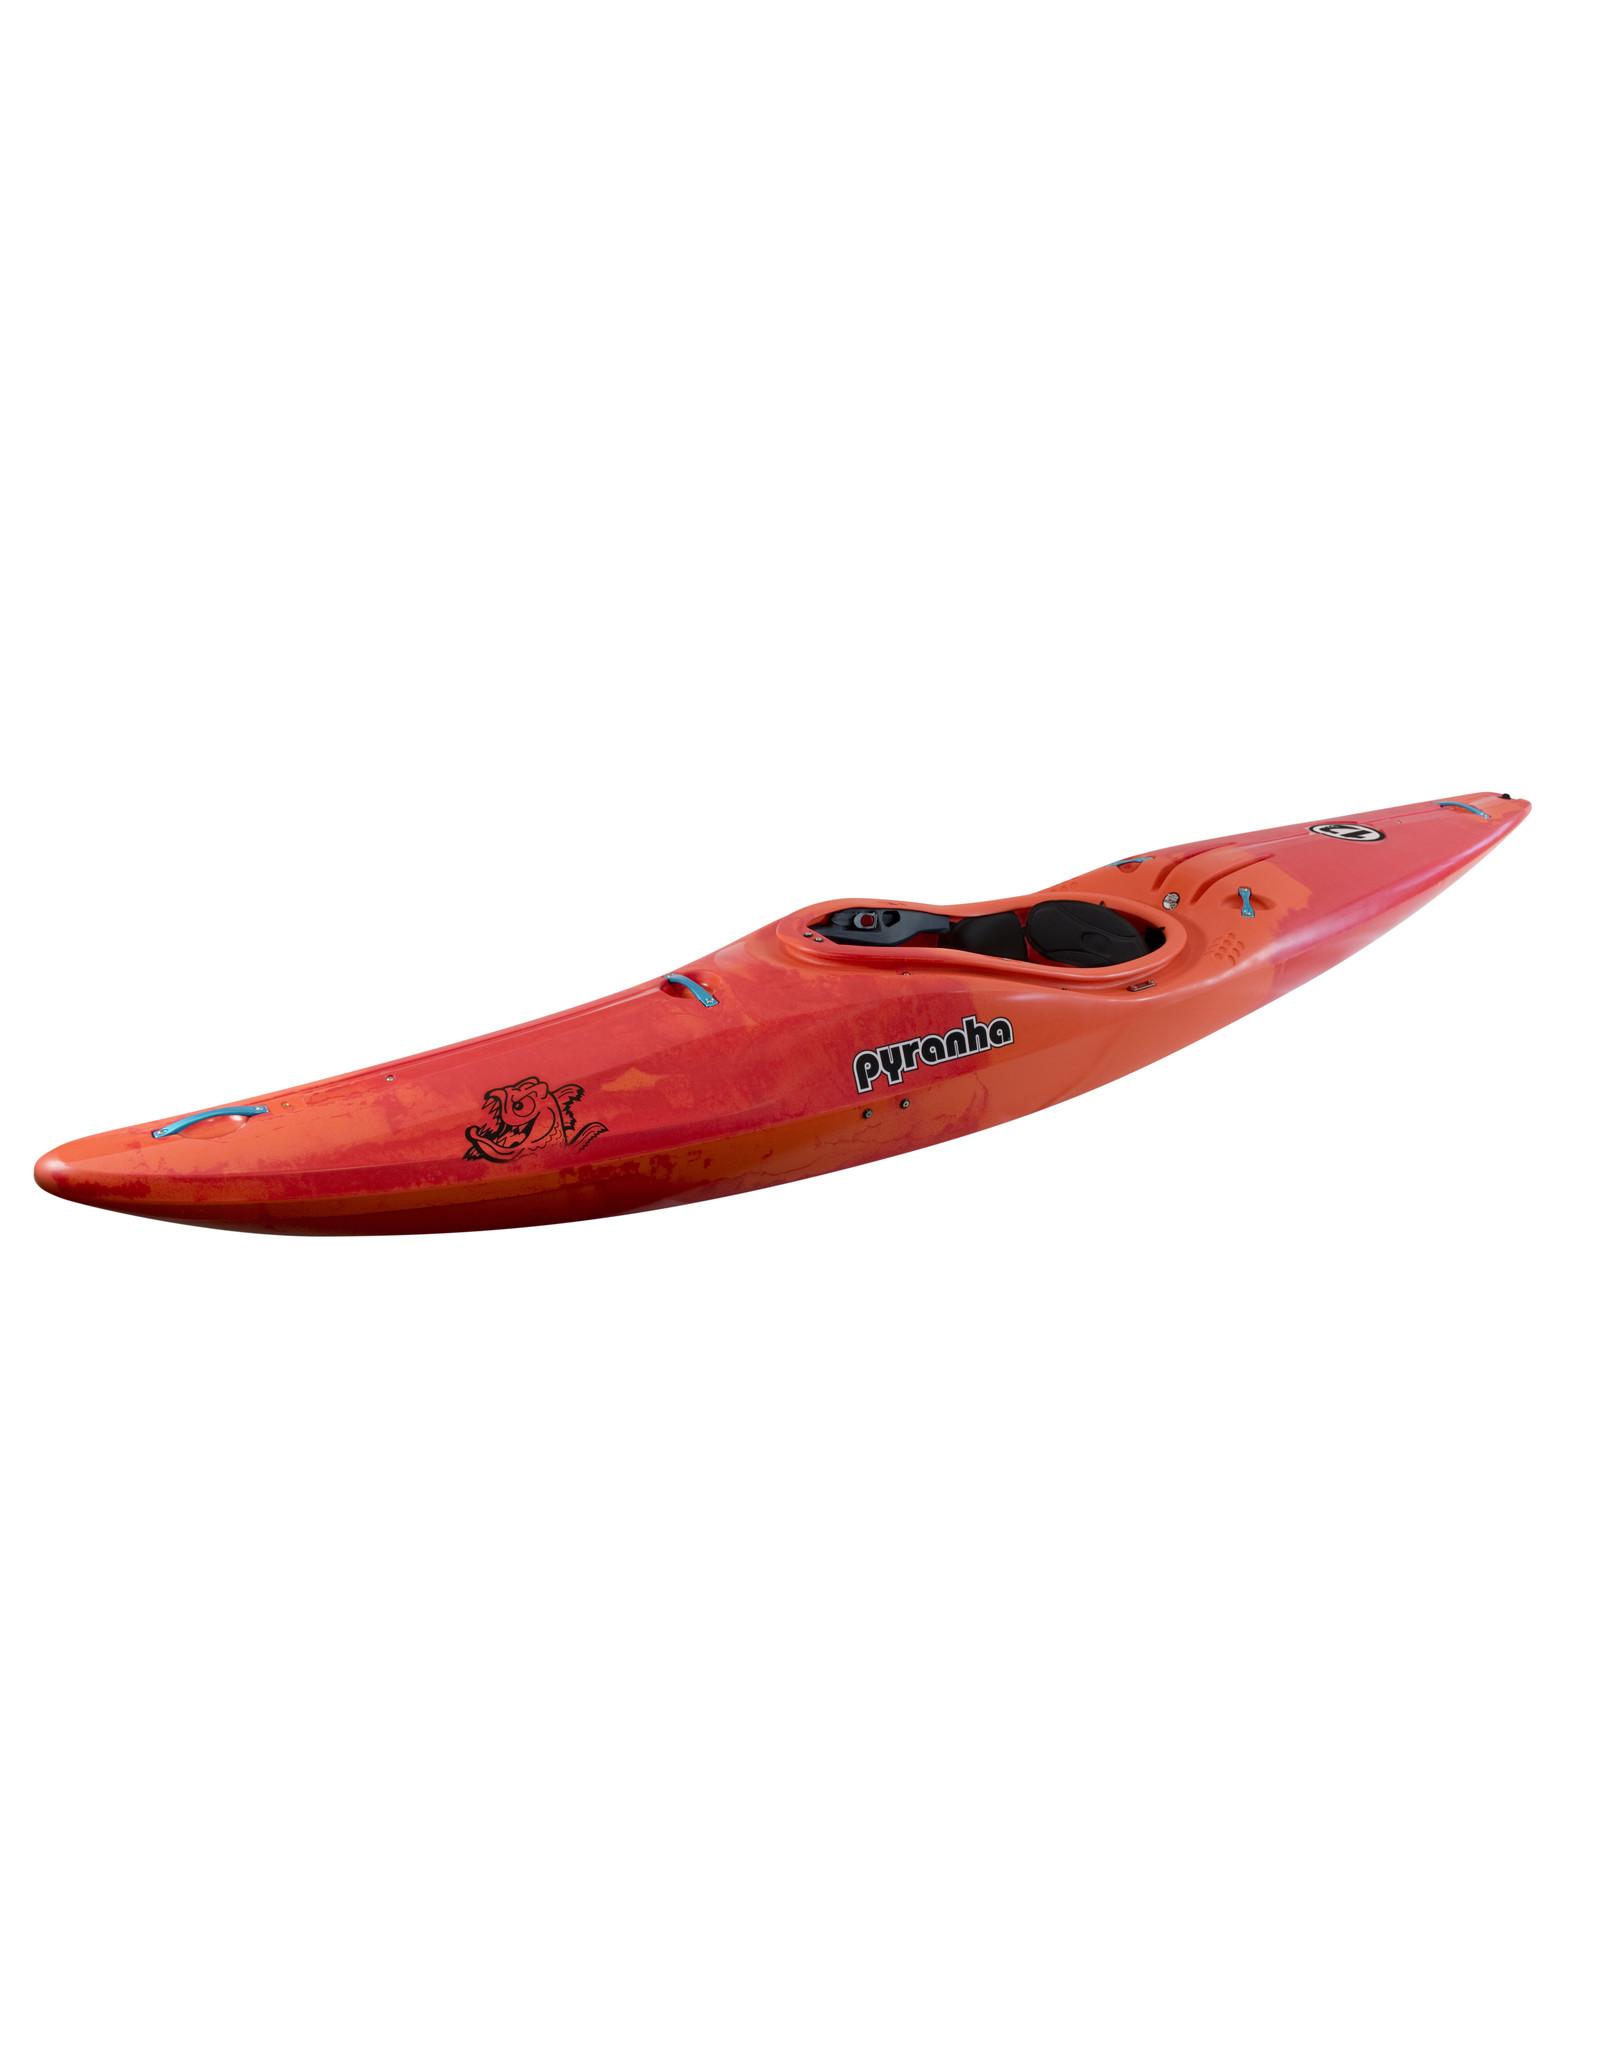 Pyranha Pyranha kayak 12R Stout 2